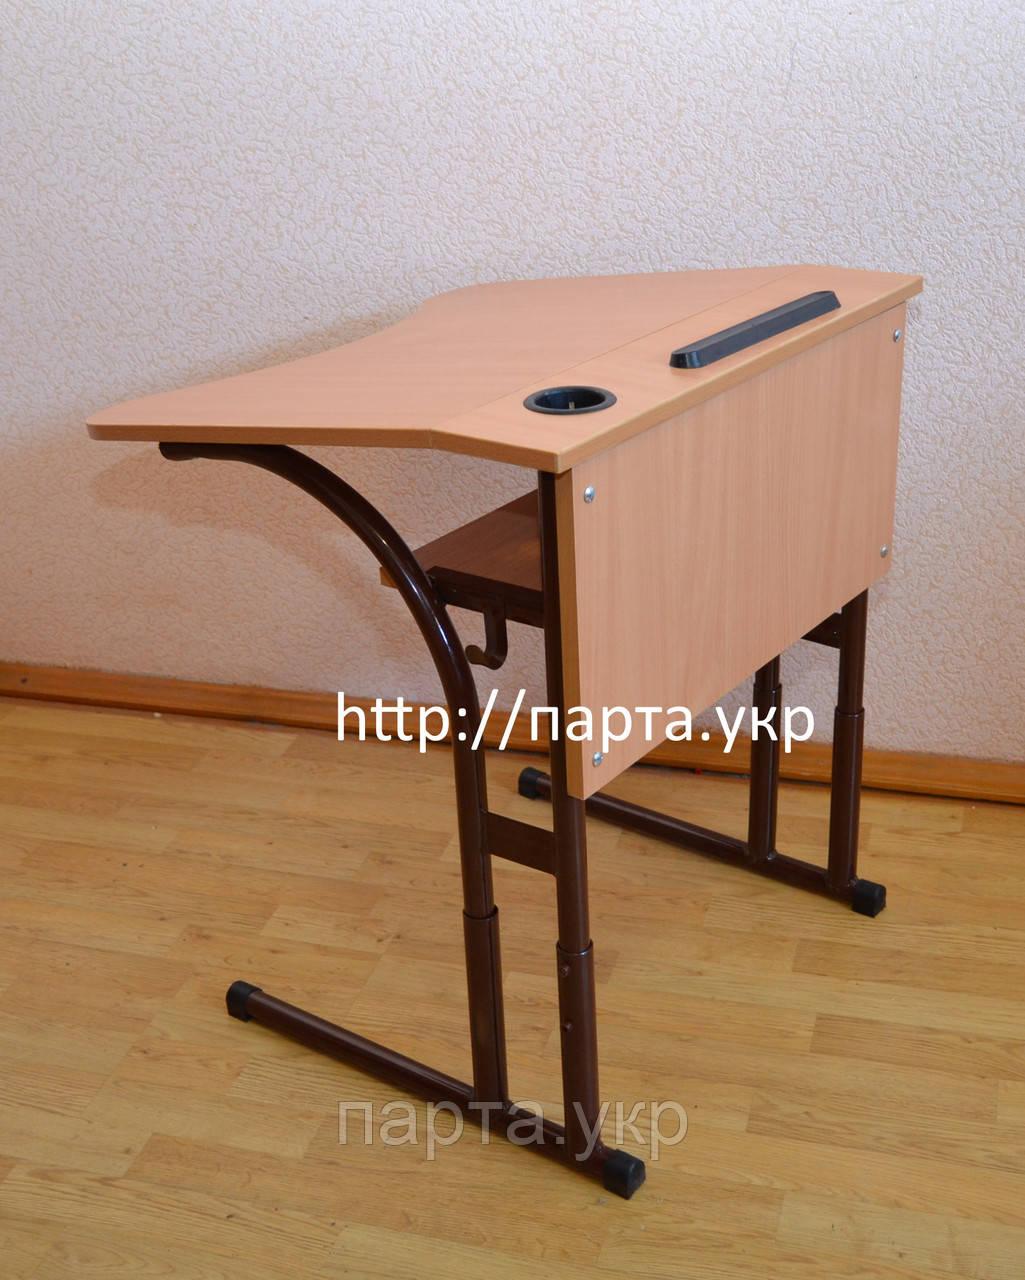 Антисколиозный одноместный ученический стол со сменной высотой